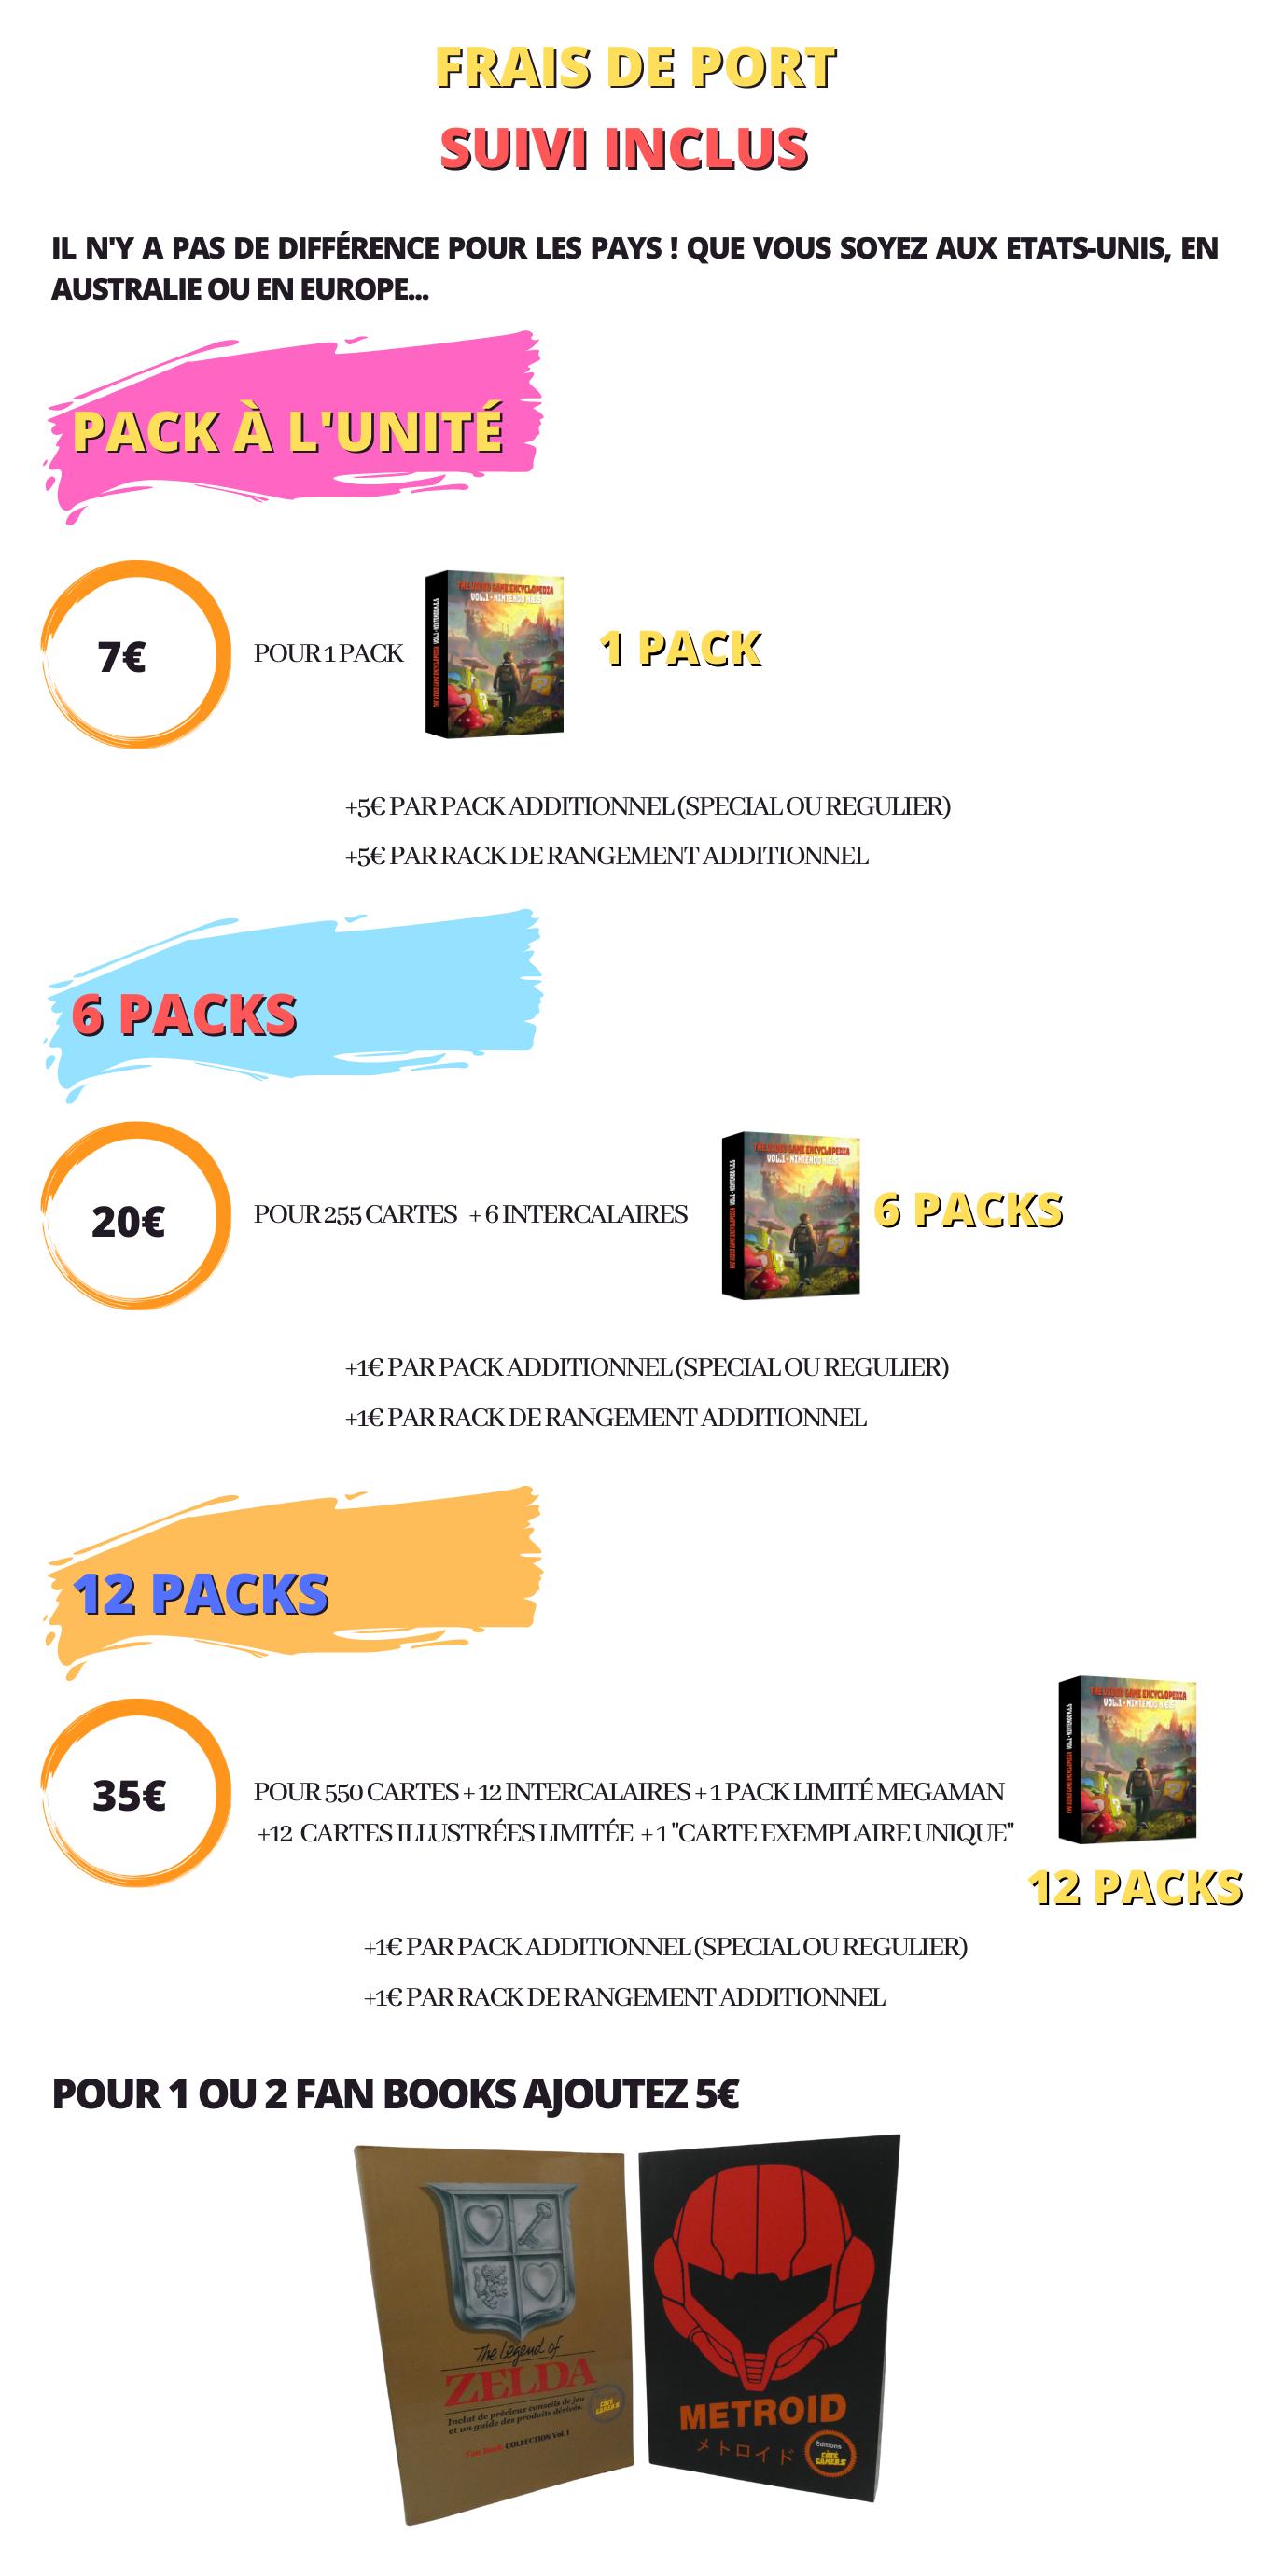 Frais de port des packs de cartes encyclopédiques sur le jeu vidéo